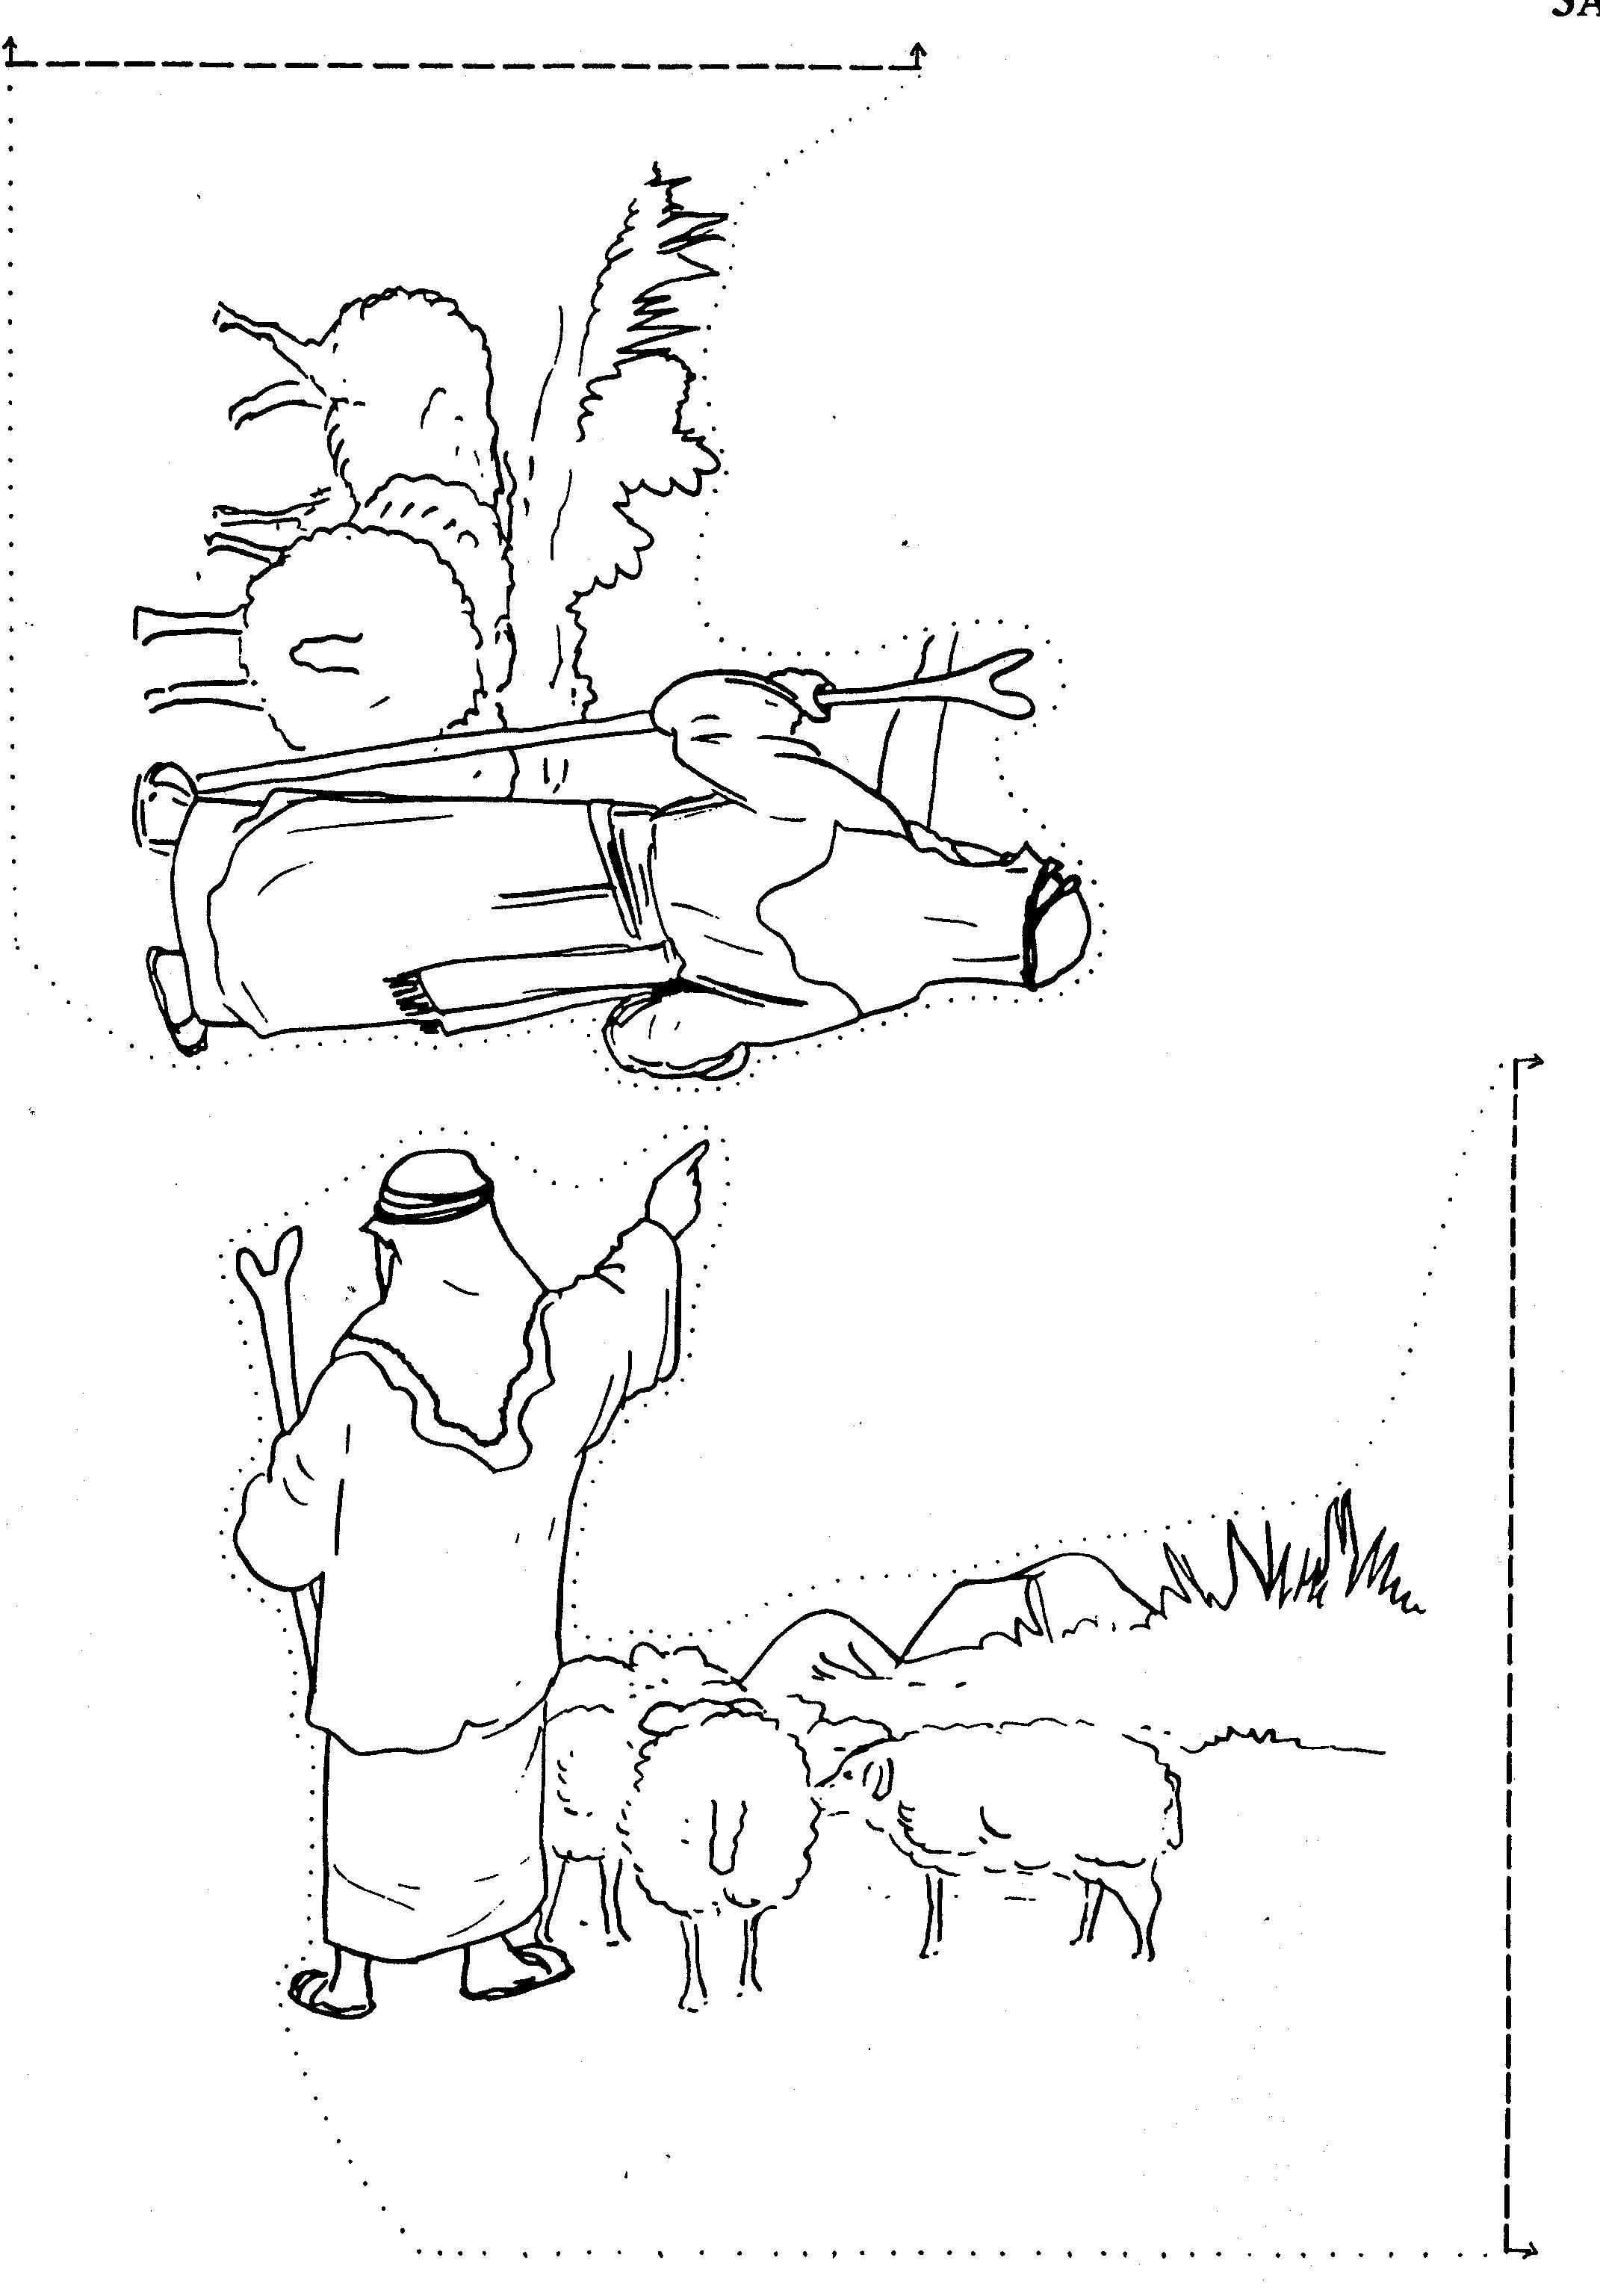 abraham en lot gaan uit elkaar knutselwerkje deel 2 aan de